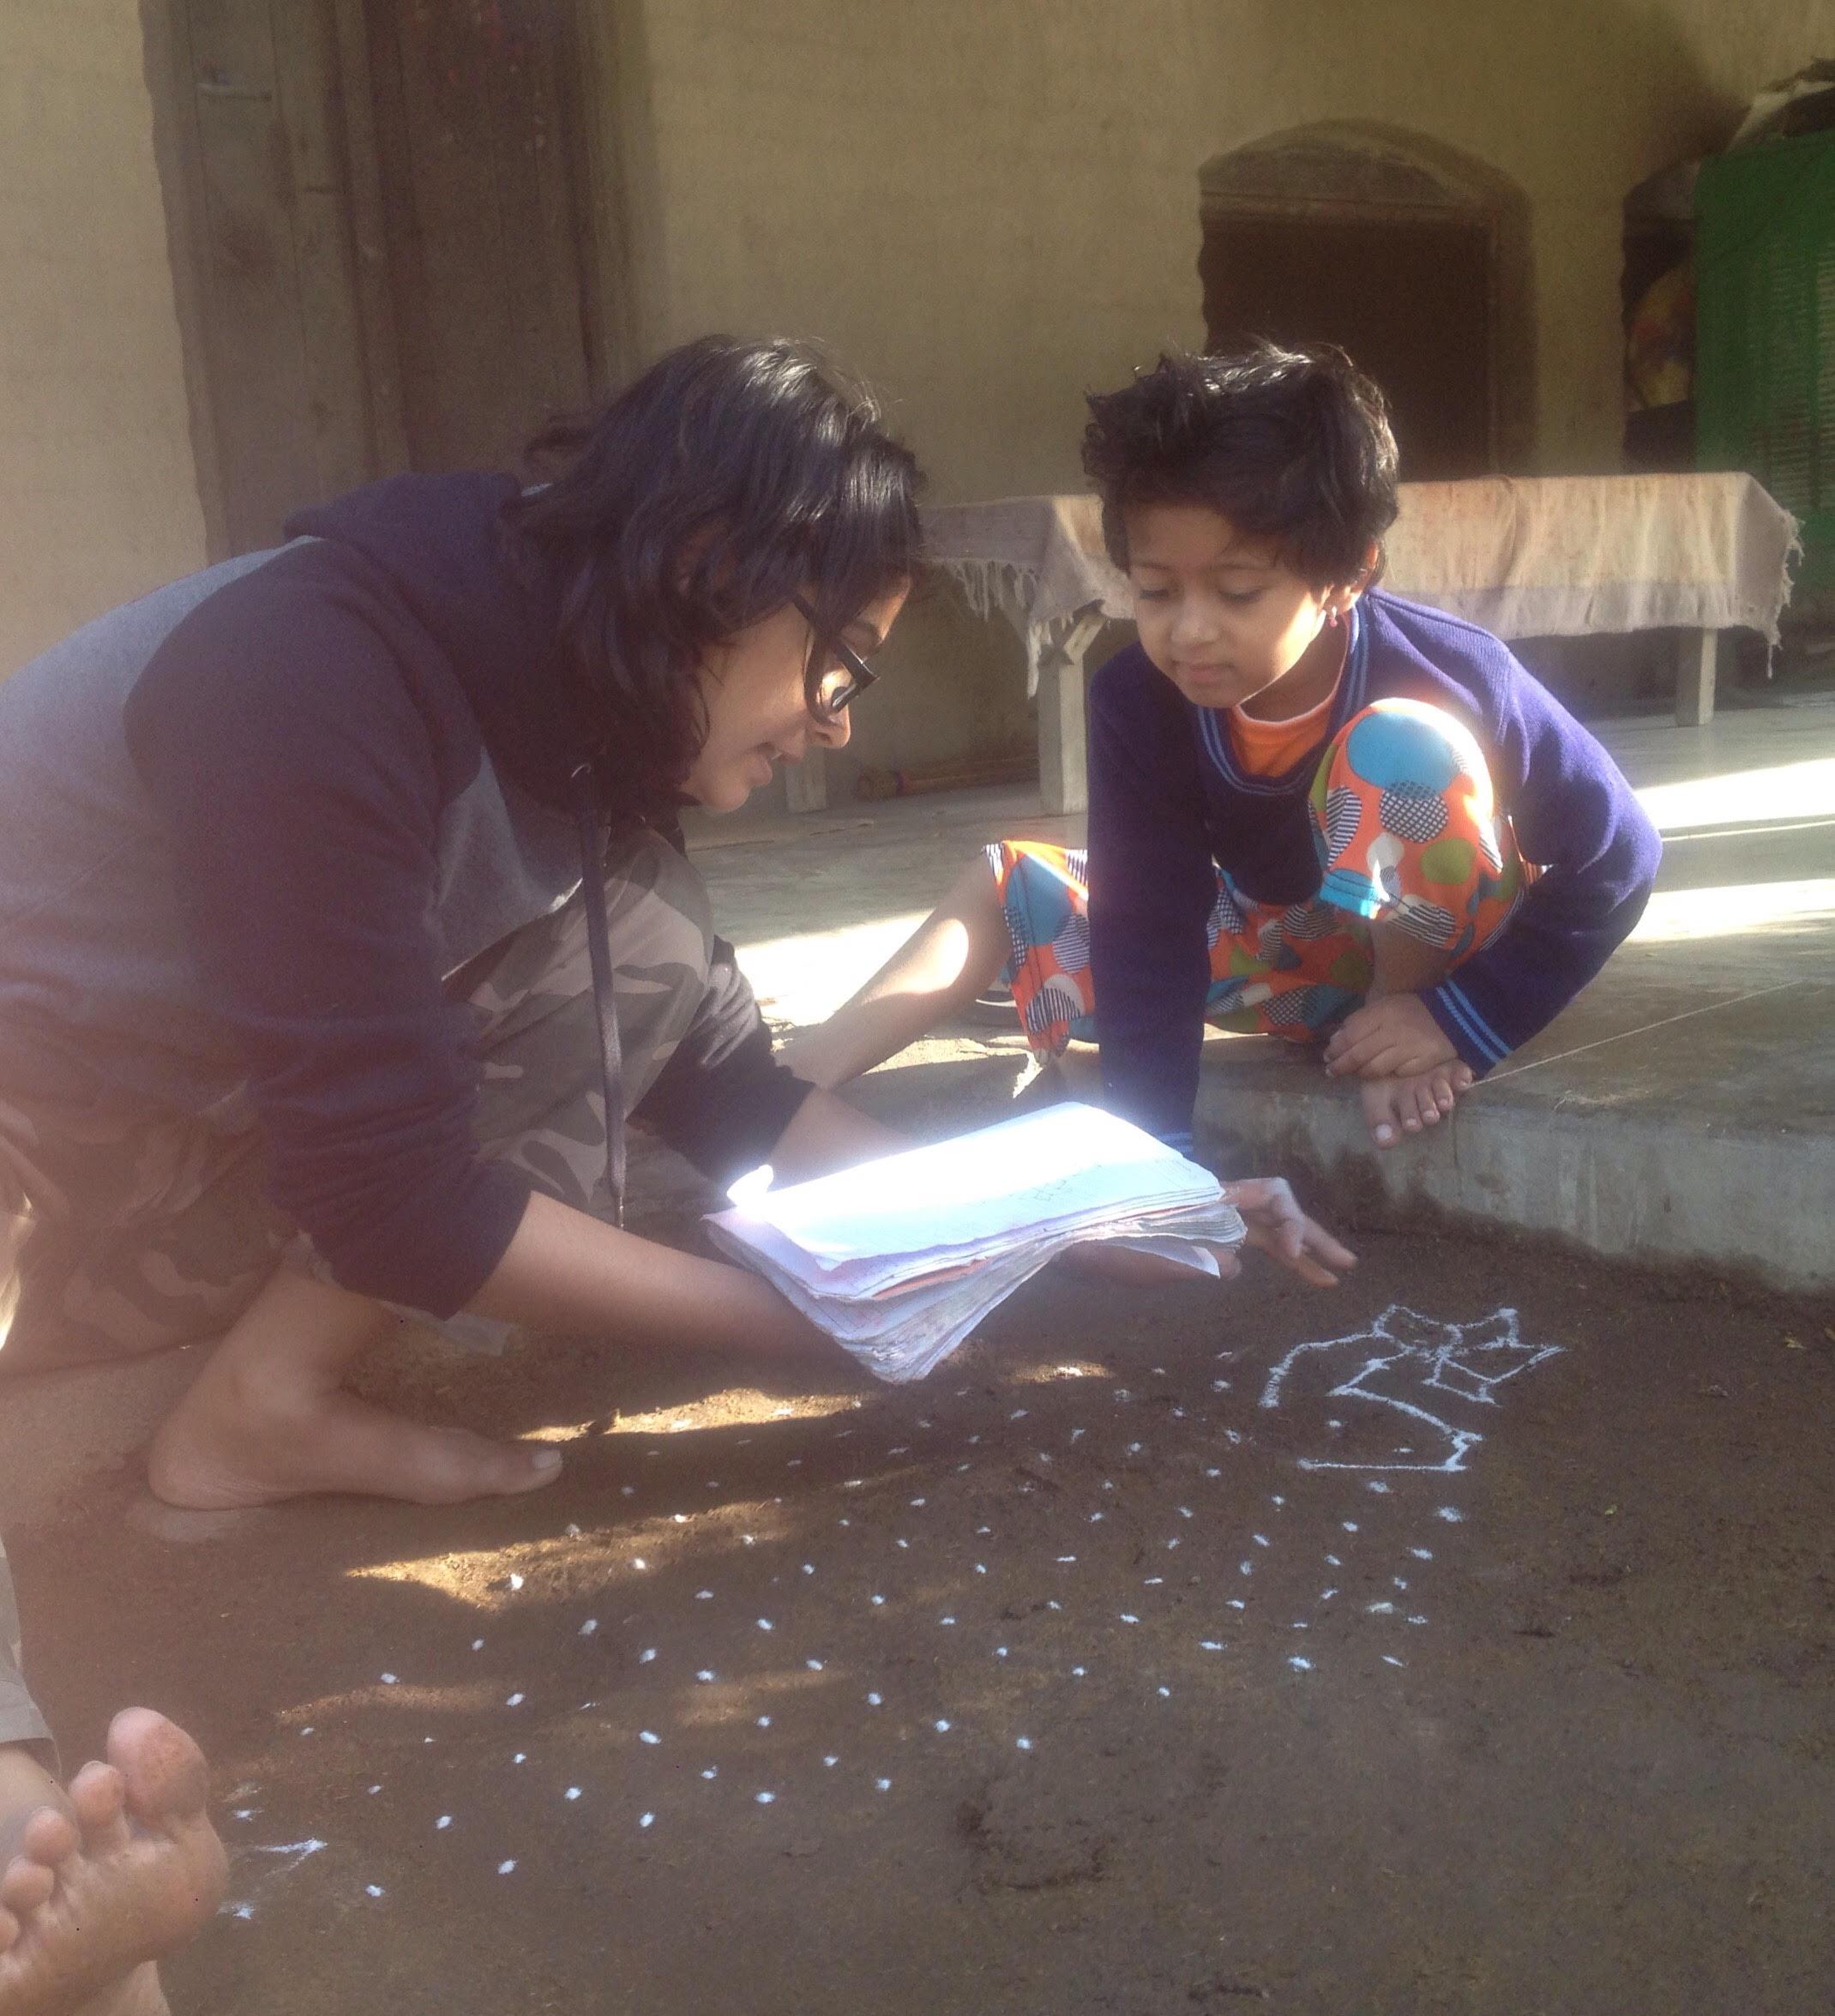 Kushi and Paridhi